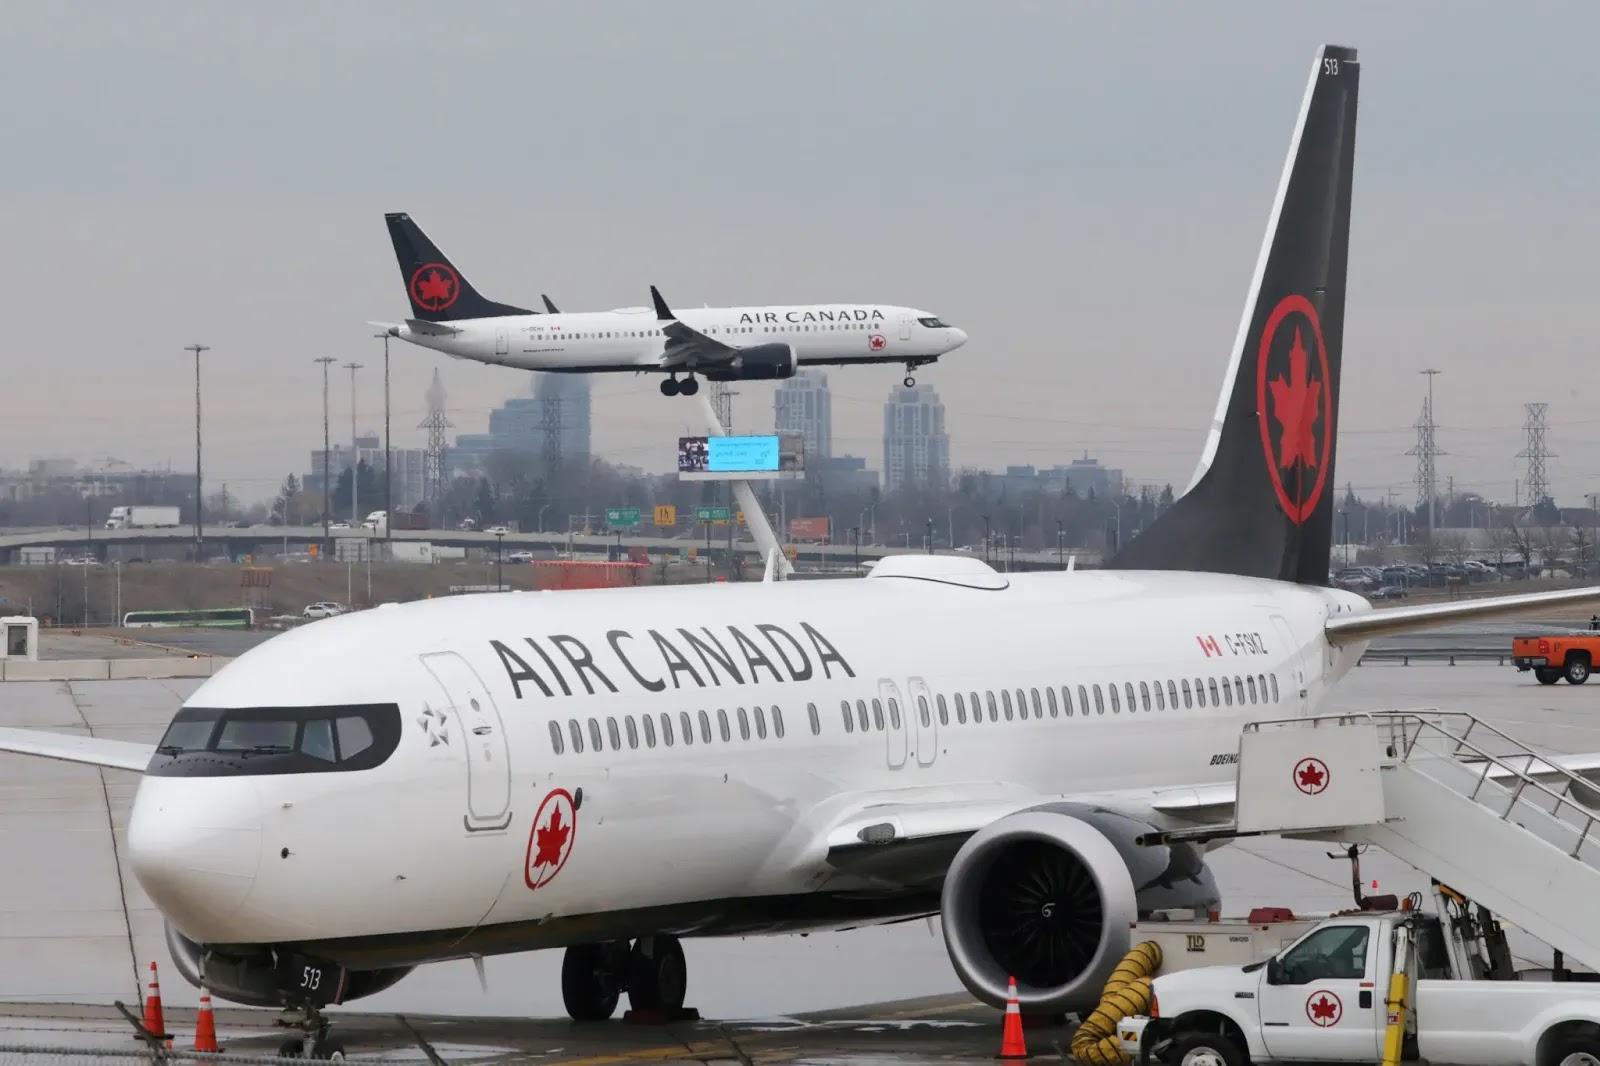 Air Canada despedirá hasta el 60% de sus trabajadores por la pandemia de coronavirus